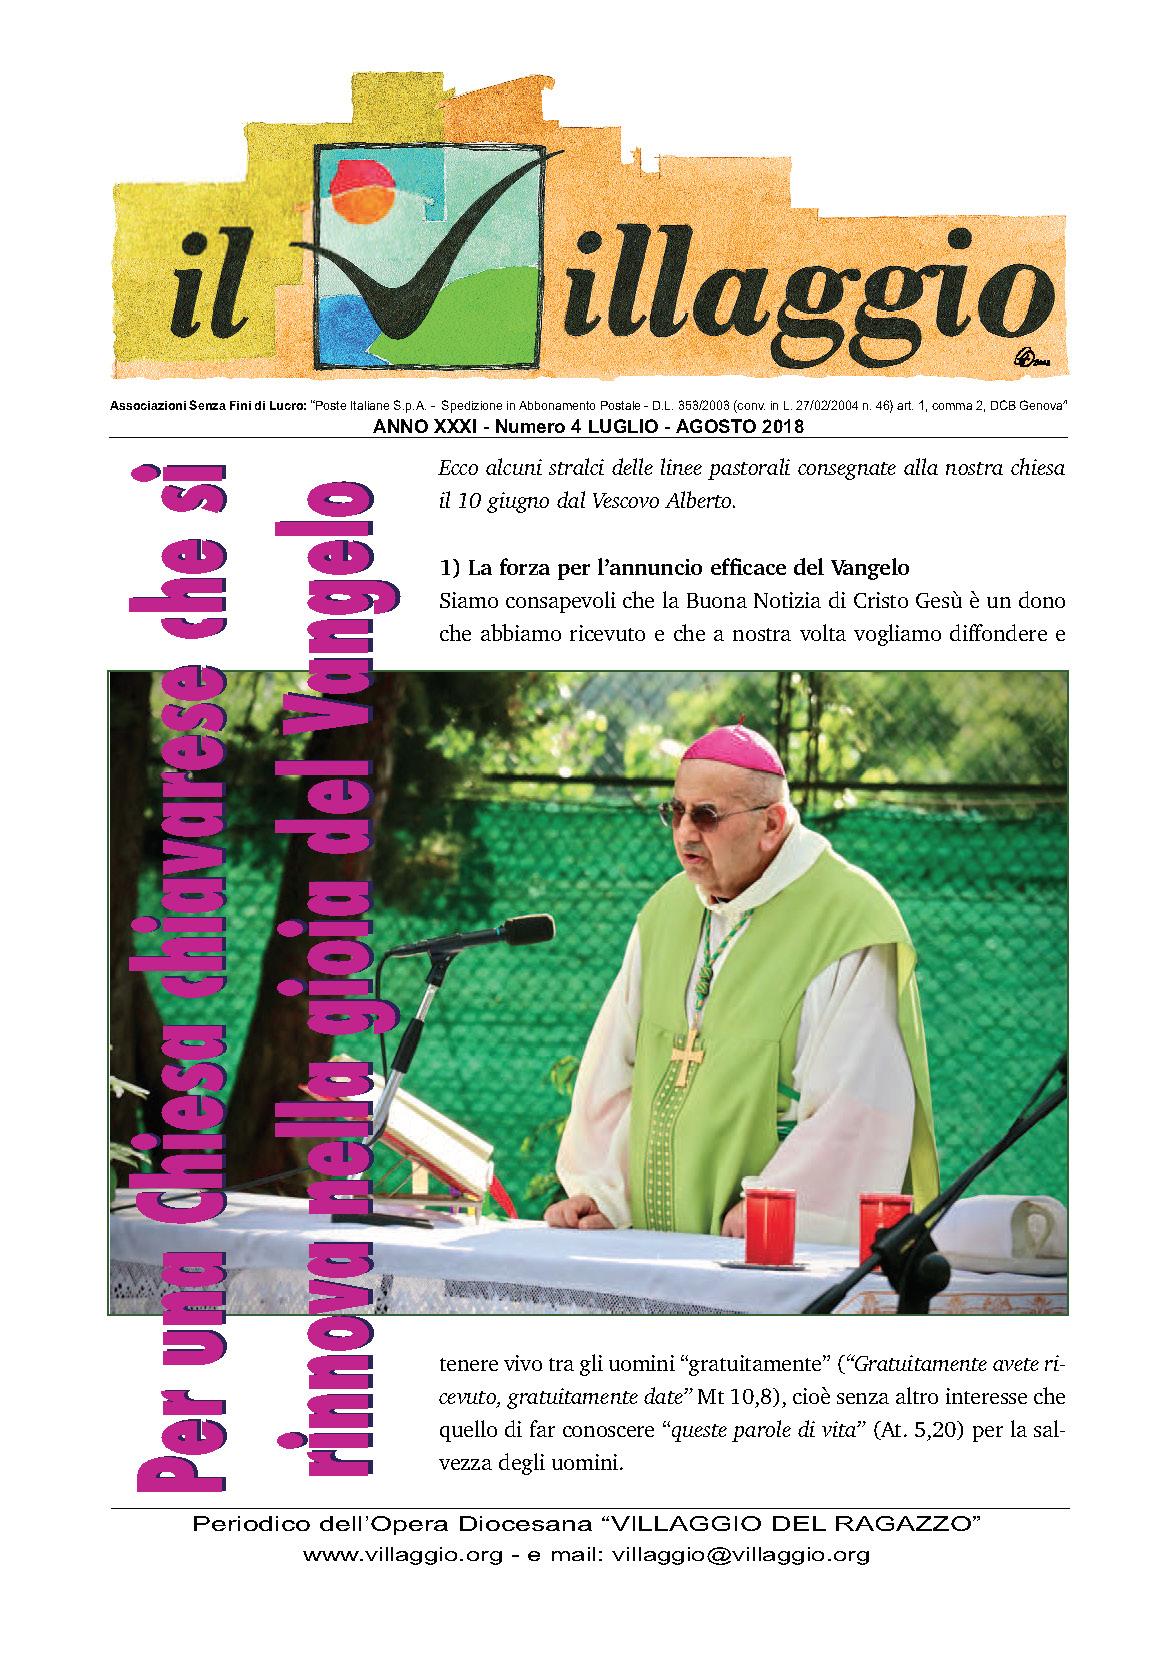 Periodico Il Villaggio - Anno XXXI n°4 luglio-agosto 2018